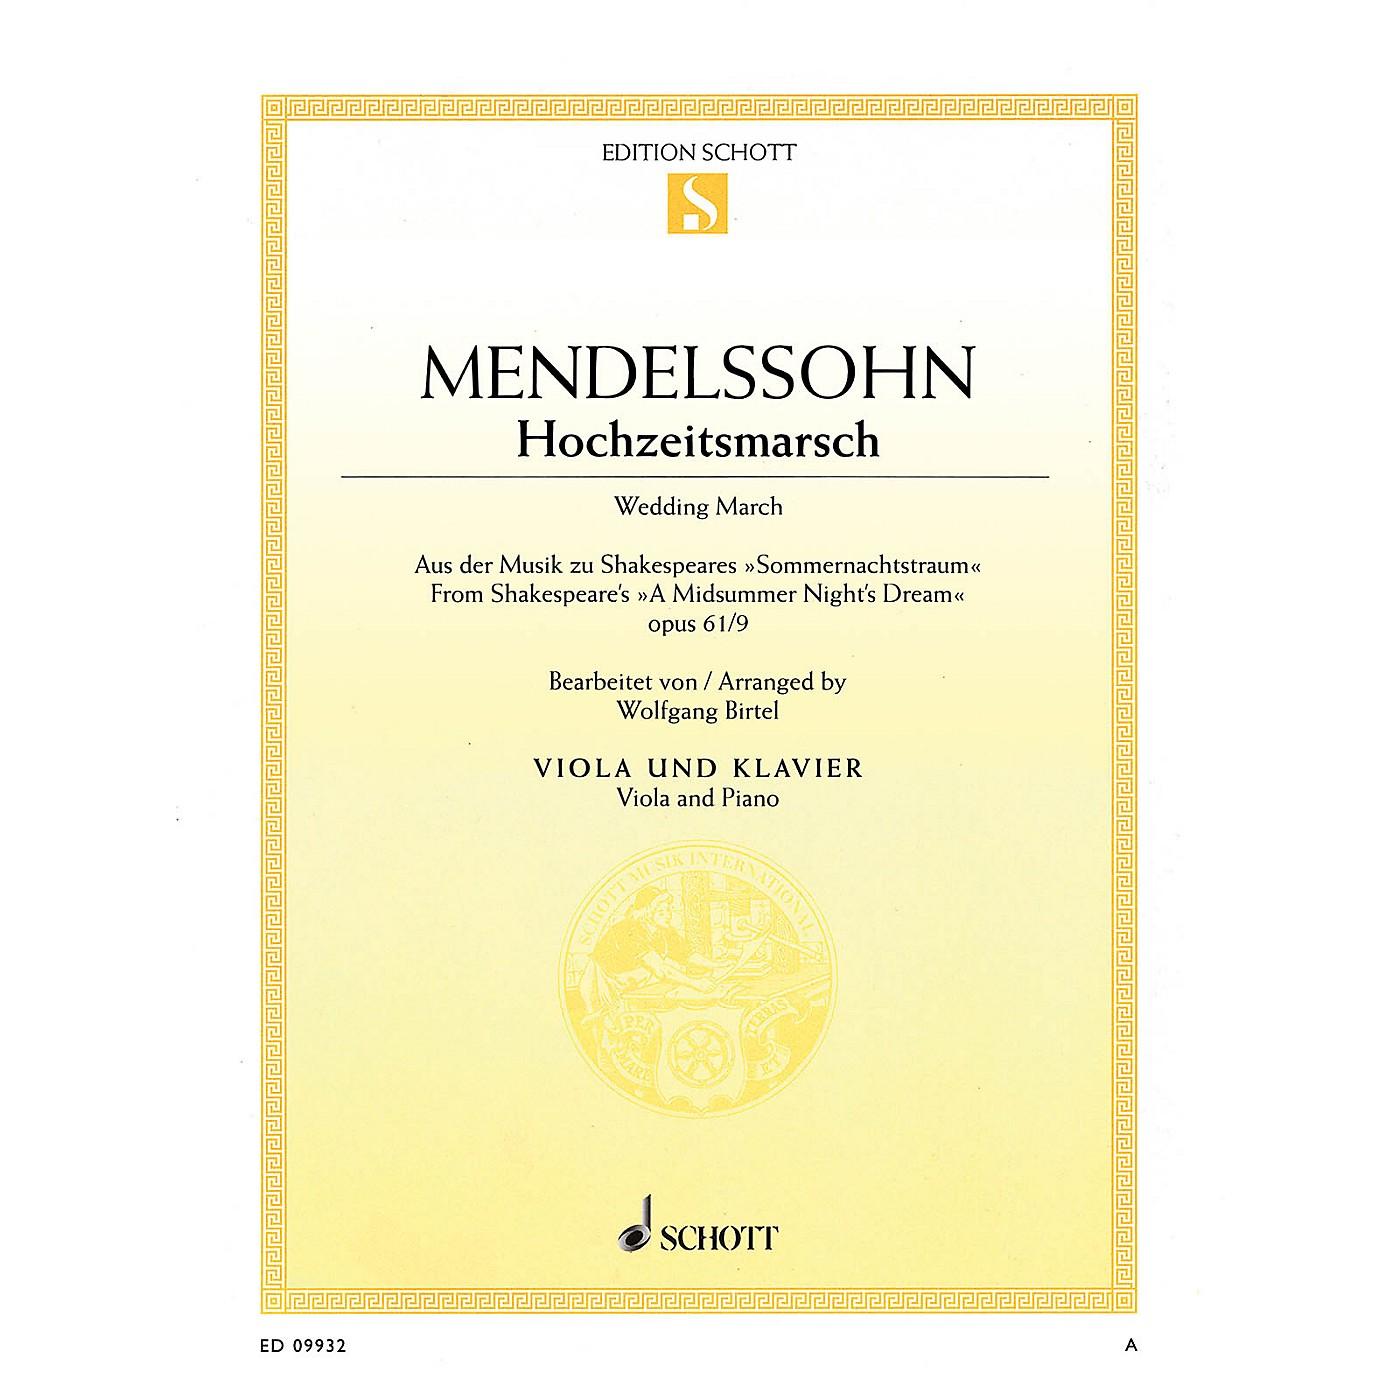 Schott Wedding March - Op. 61, No. 9 from A Midsummer Night's Dream by Felix Mendelssohn Bartholdy thumbnail